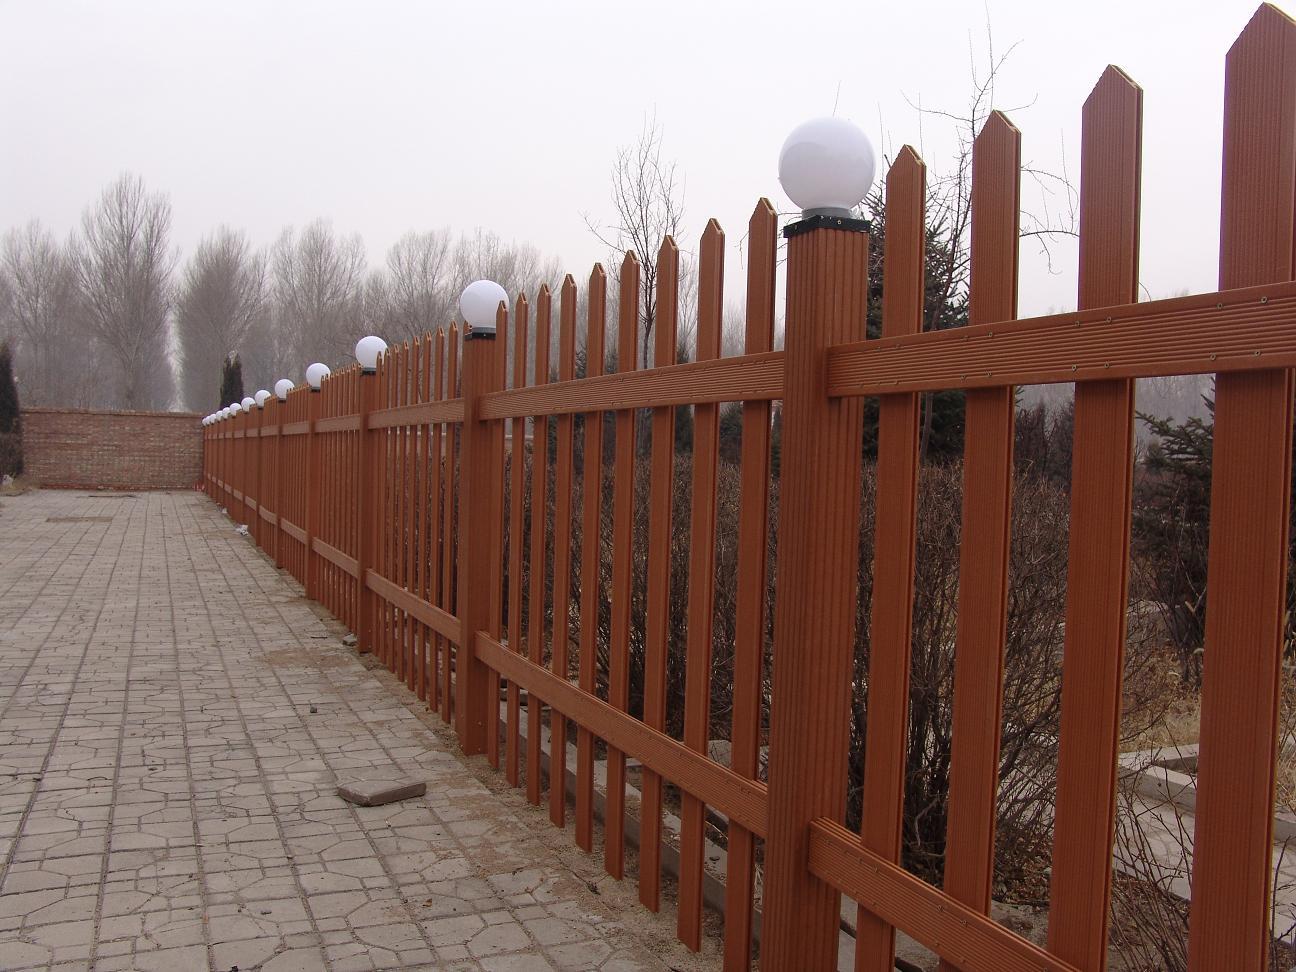 安徽合肥木塑栅栏厂家,木塑围栏,木塑花架葡萄架,木塑景观凉亭